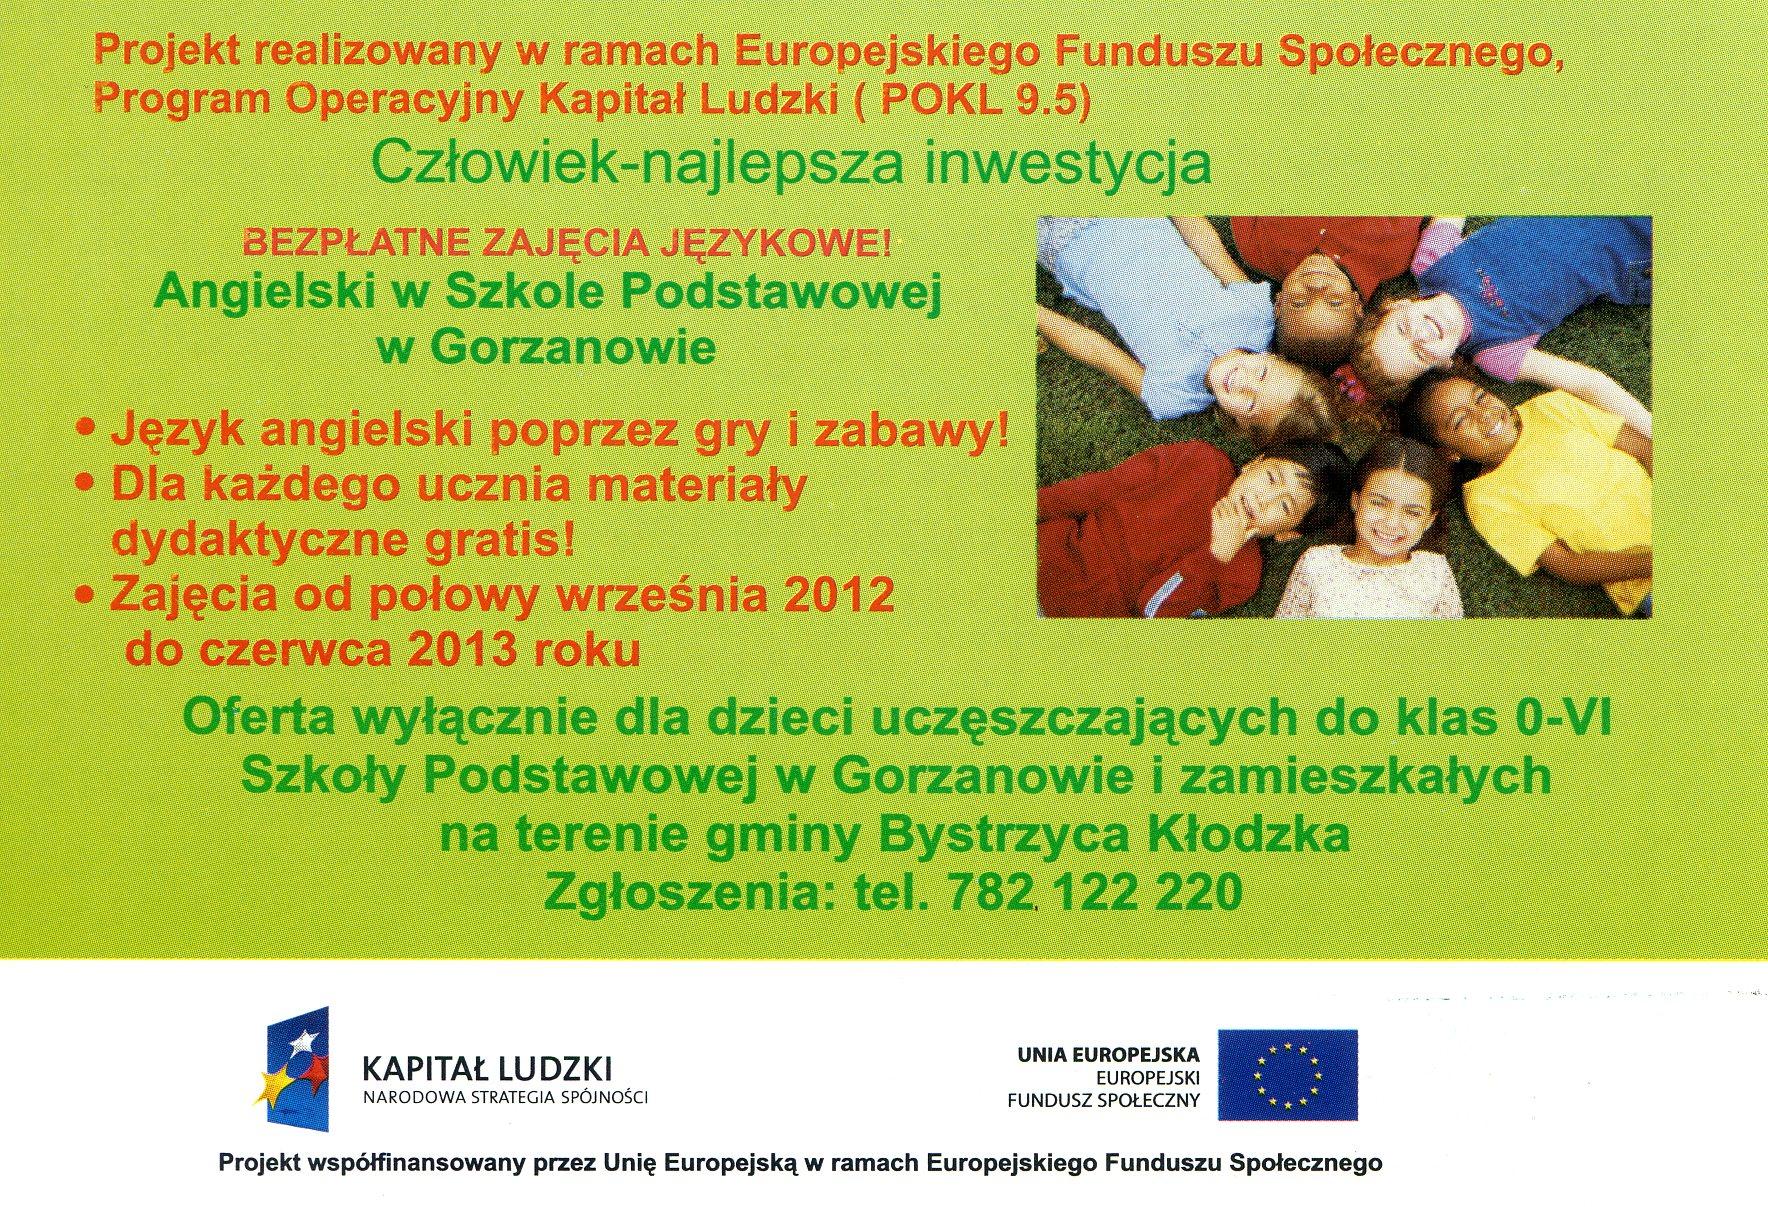 2011.09.01 Plakat_Angielski_w_szkole